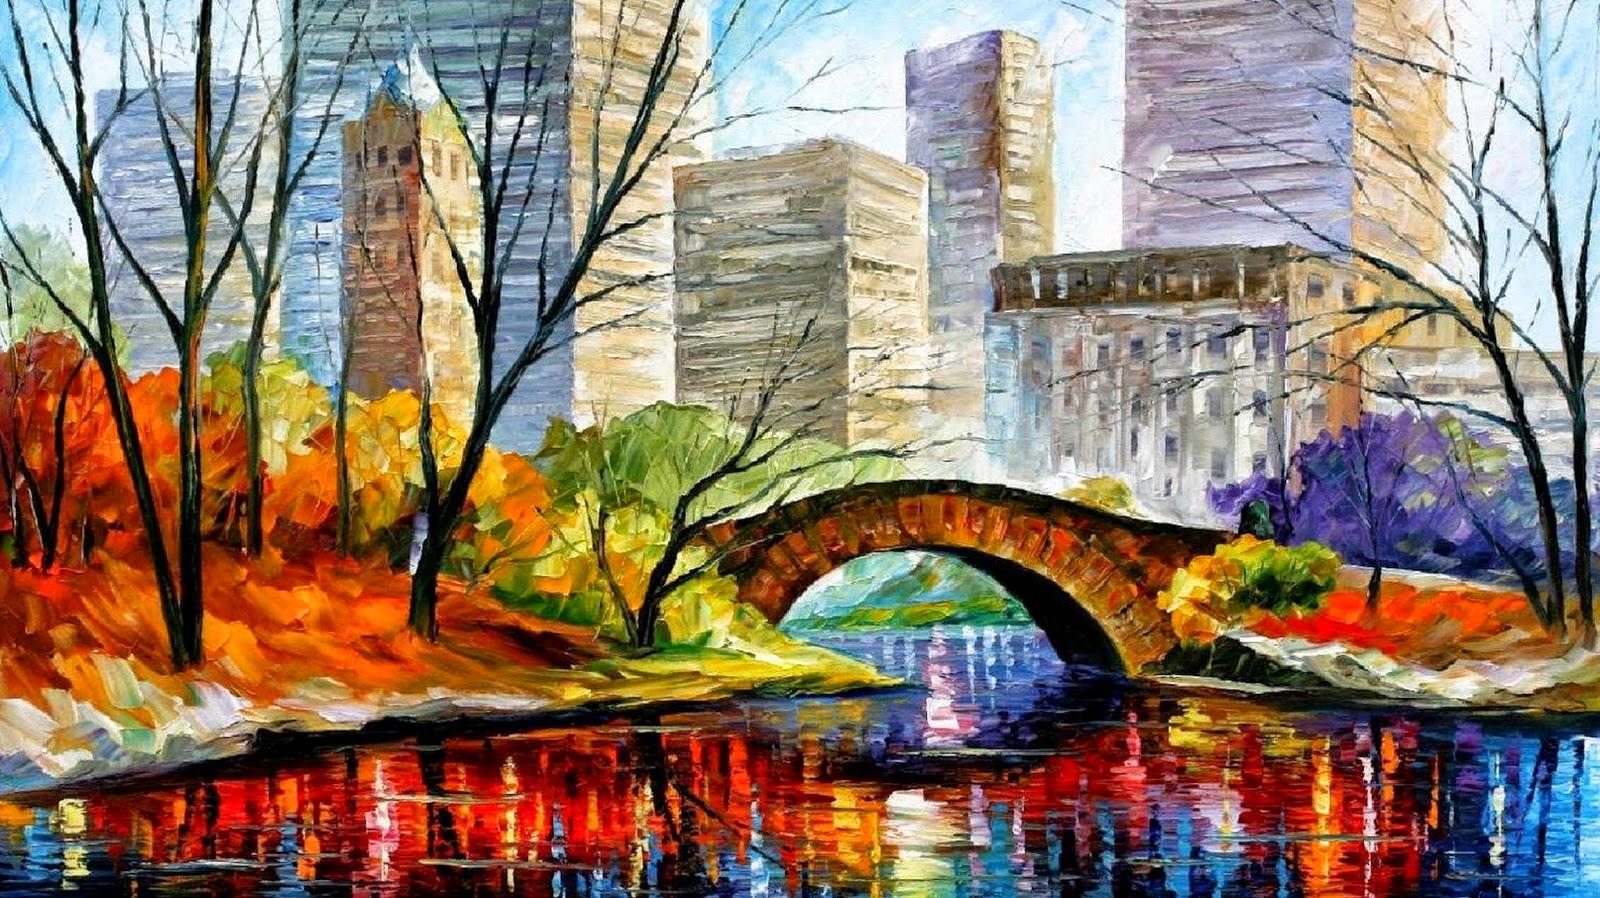 abstractos-modernos-paisajes-ciudades